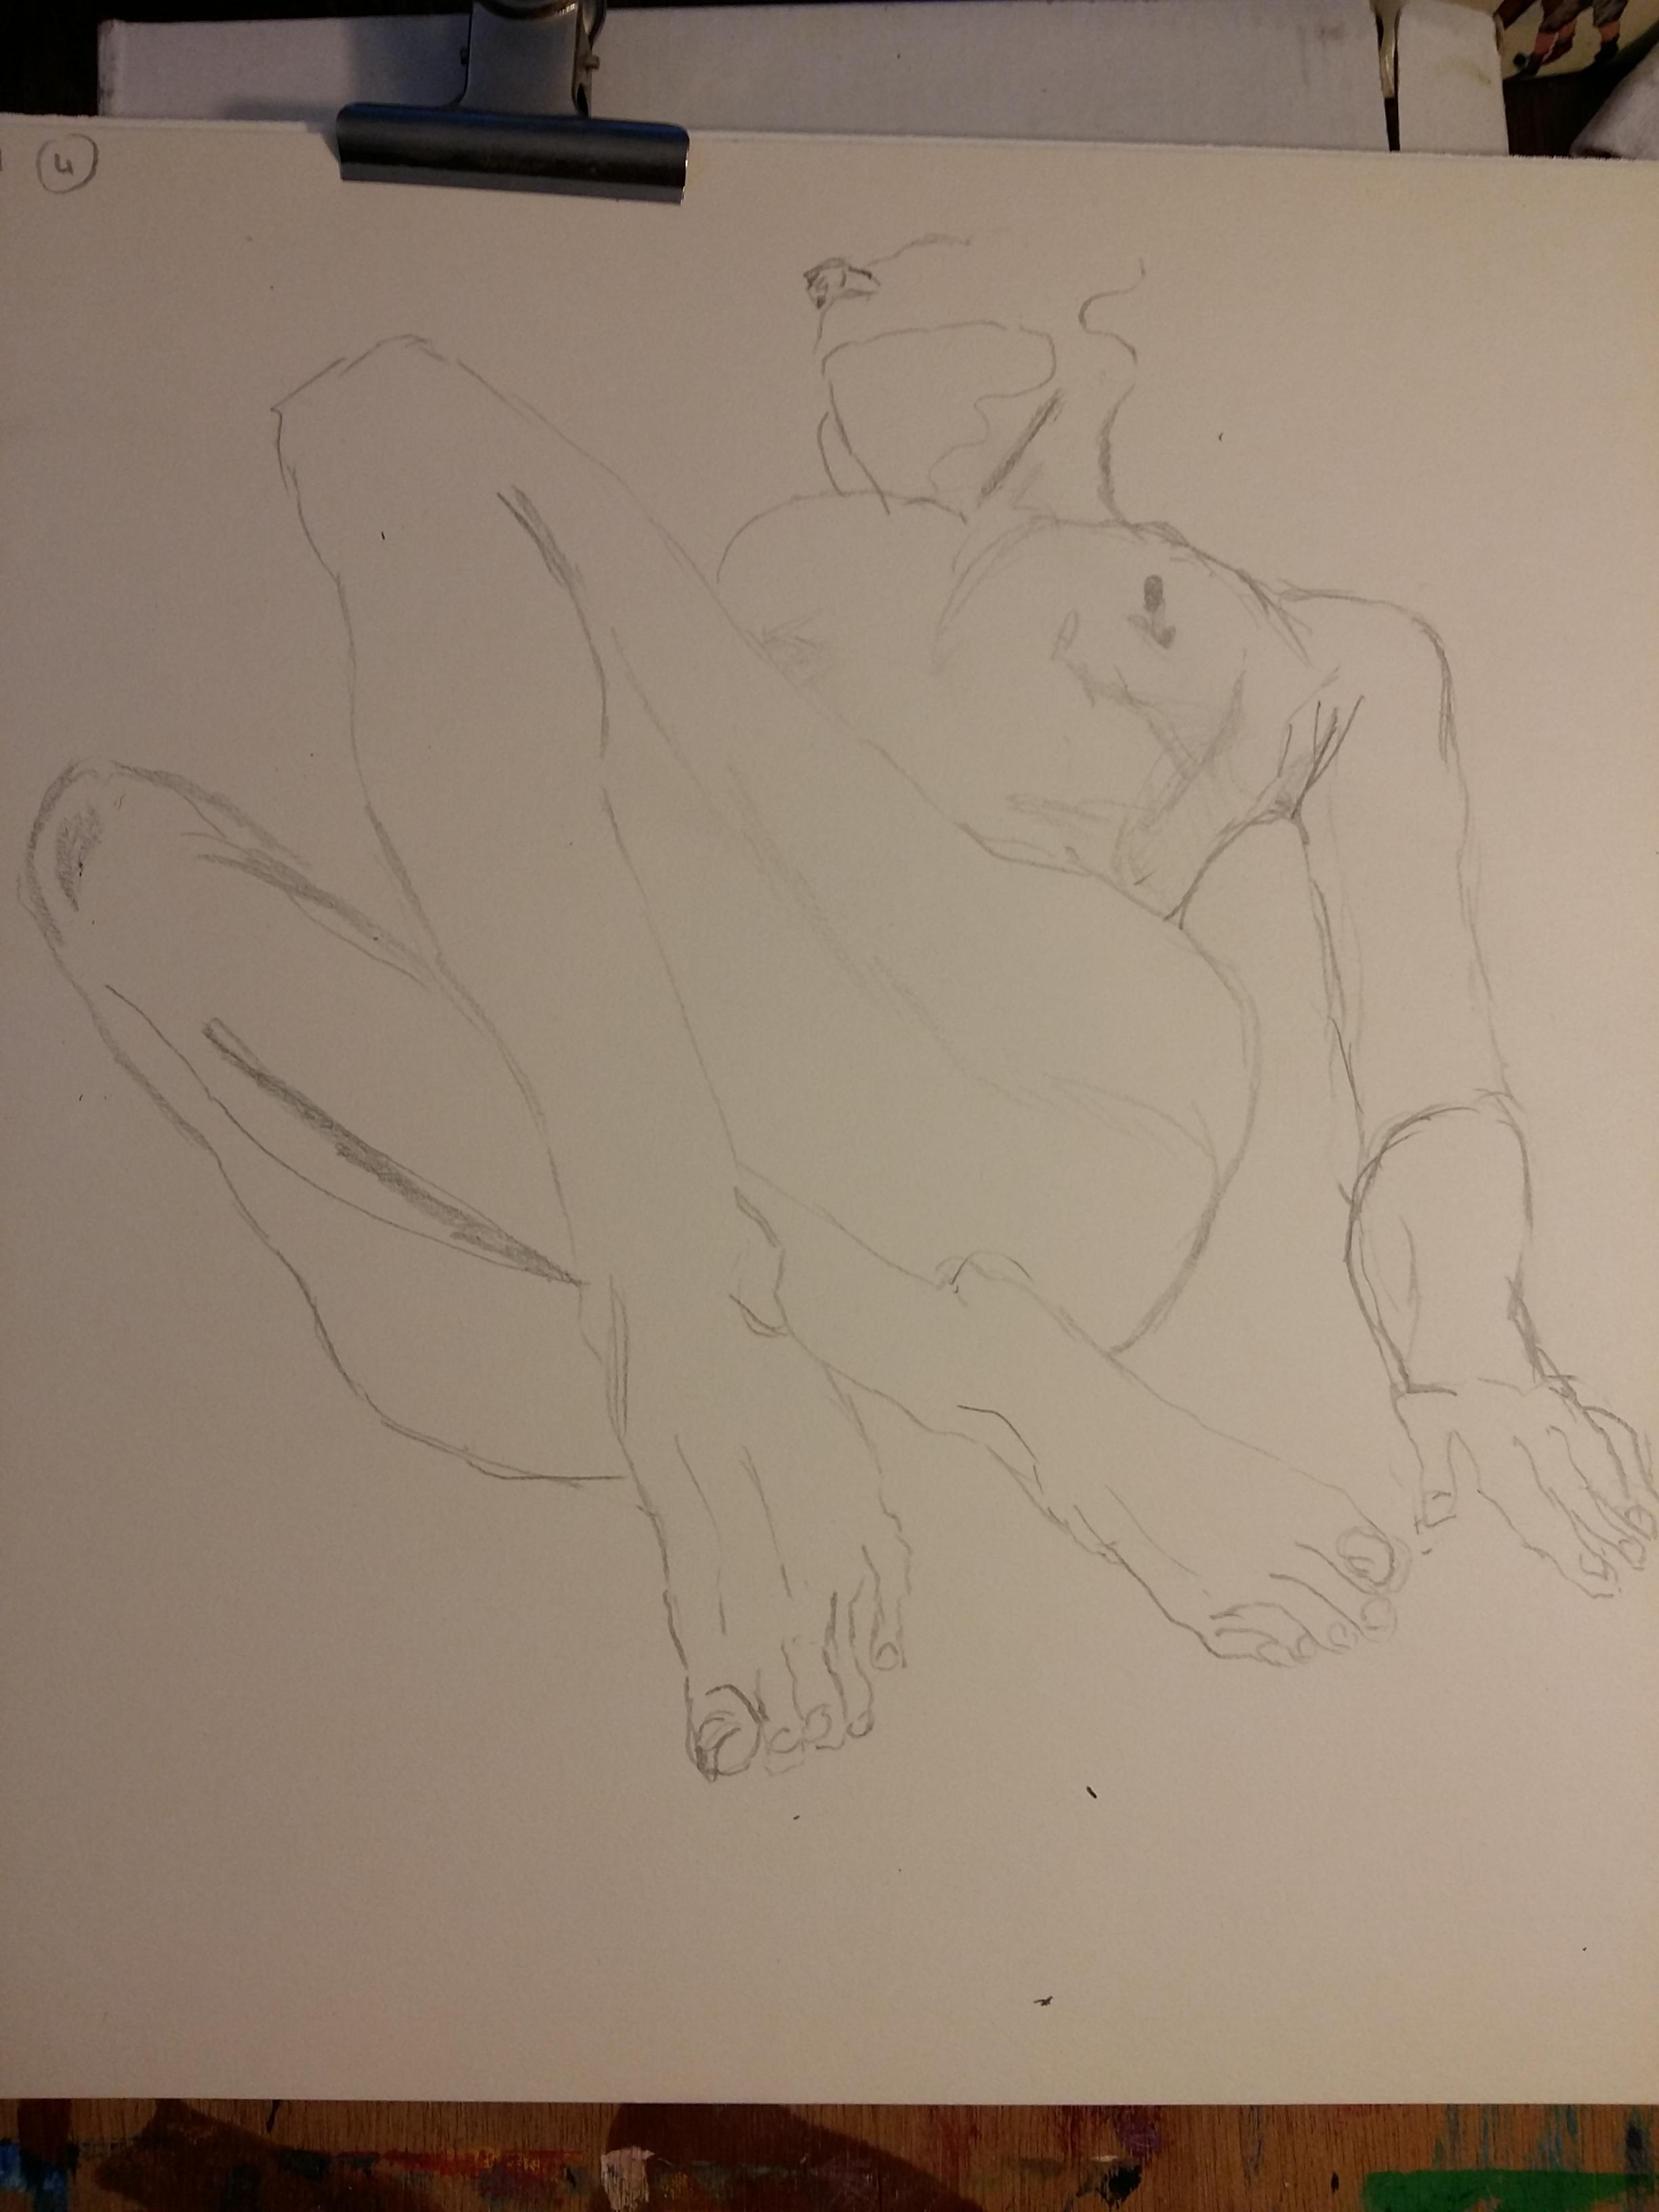 Dessin au trait mod�le vivant face femme graphite sur papier  cours de dessin